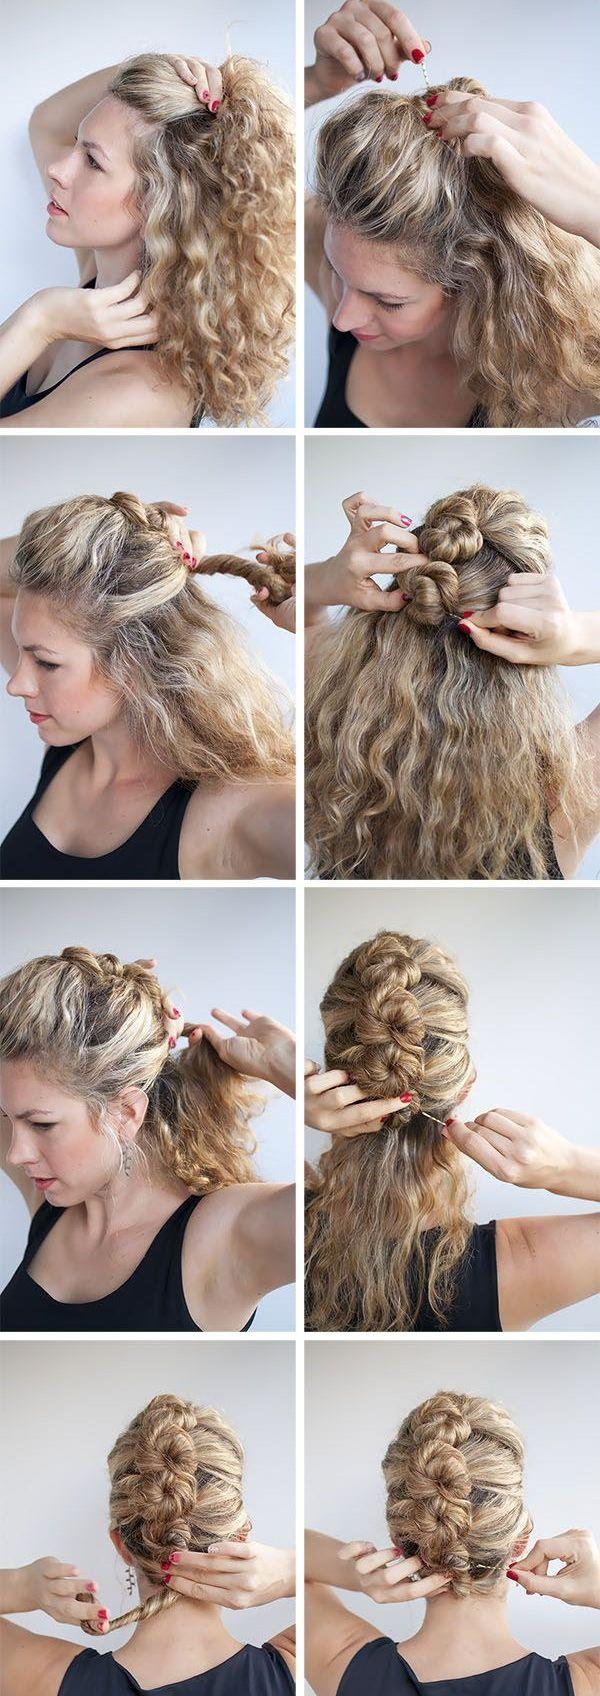 Crea un falso mohawk (fauxhawk) haciendo unos pequeños chongos en la parte de atrás de tu cabeza. | Los 19 peinados más trendy para graduarte con estilo